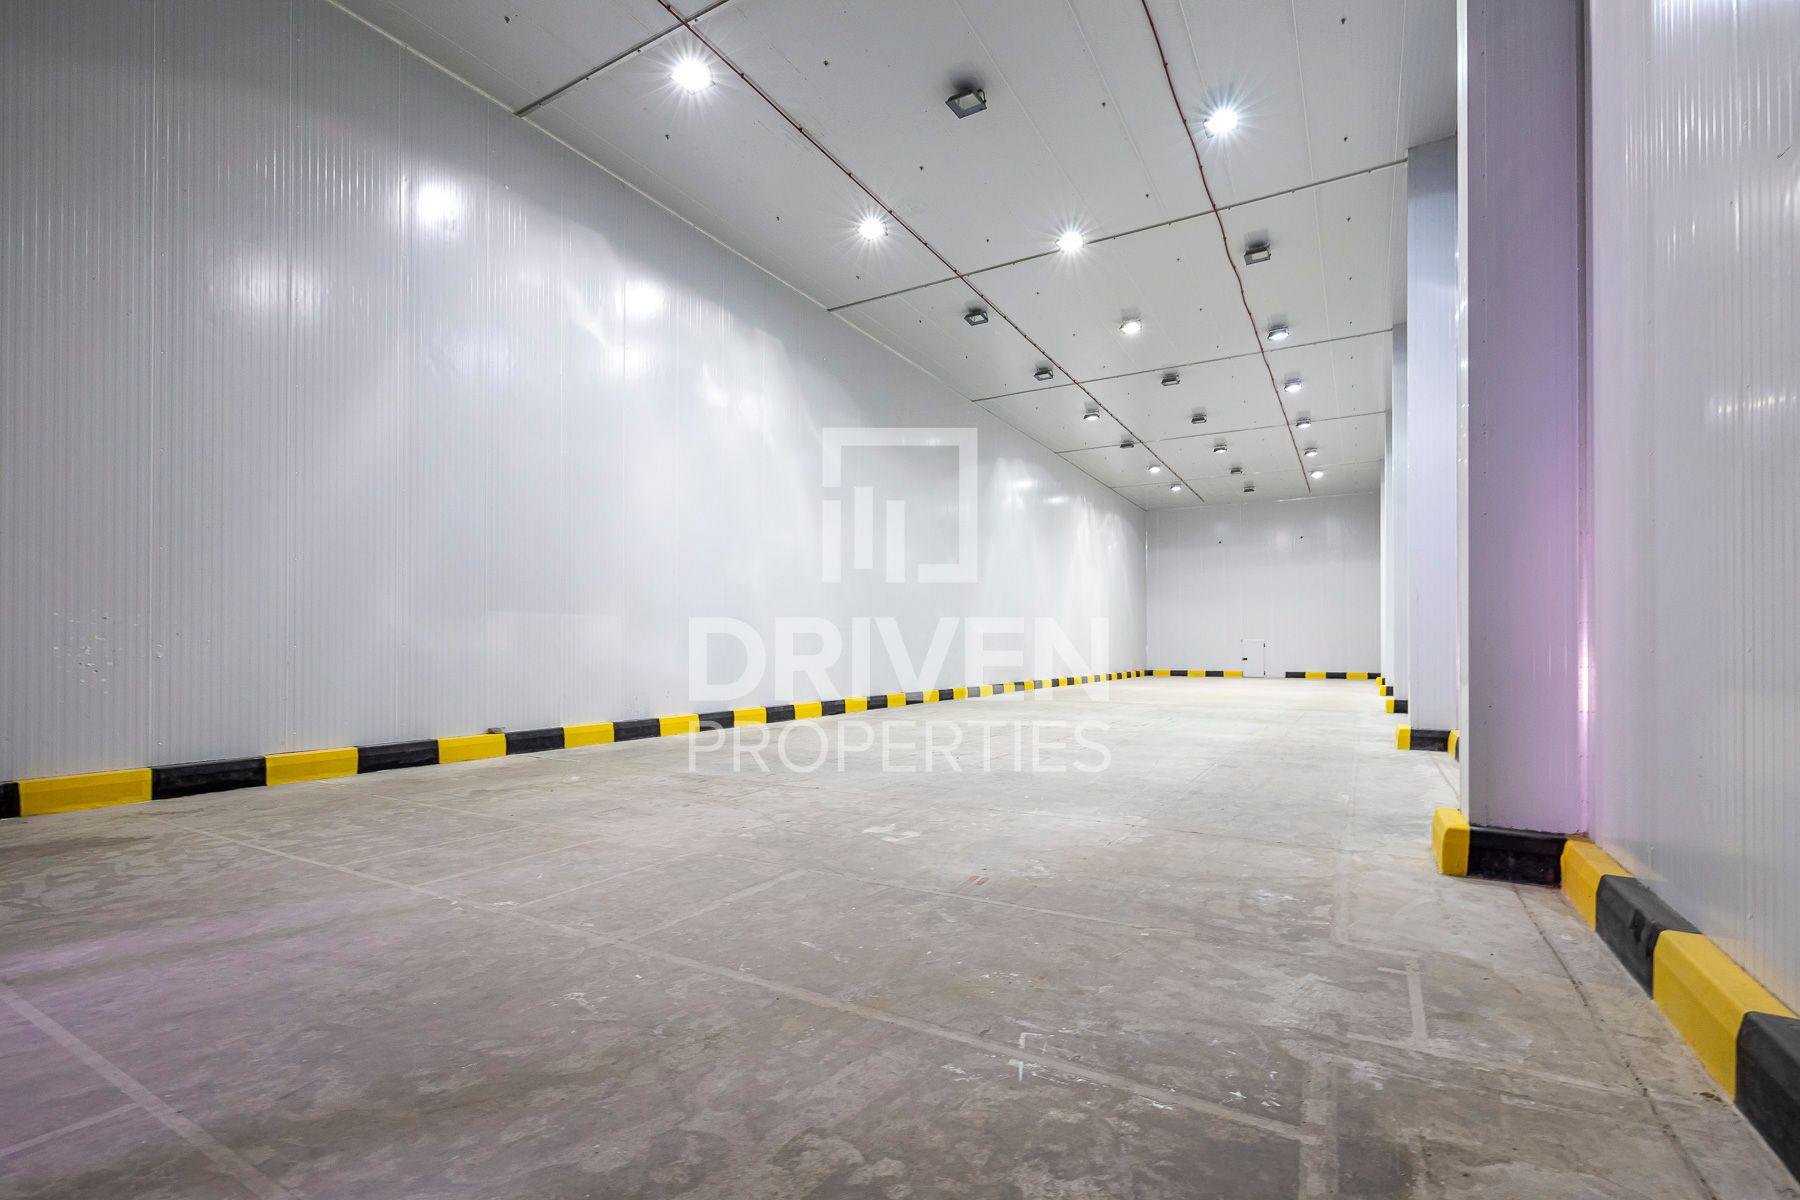 للايجار - مستودع - منطقة الأغذية والمشروبات - حديقة دبي الصناعية